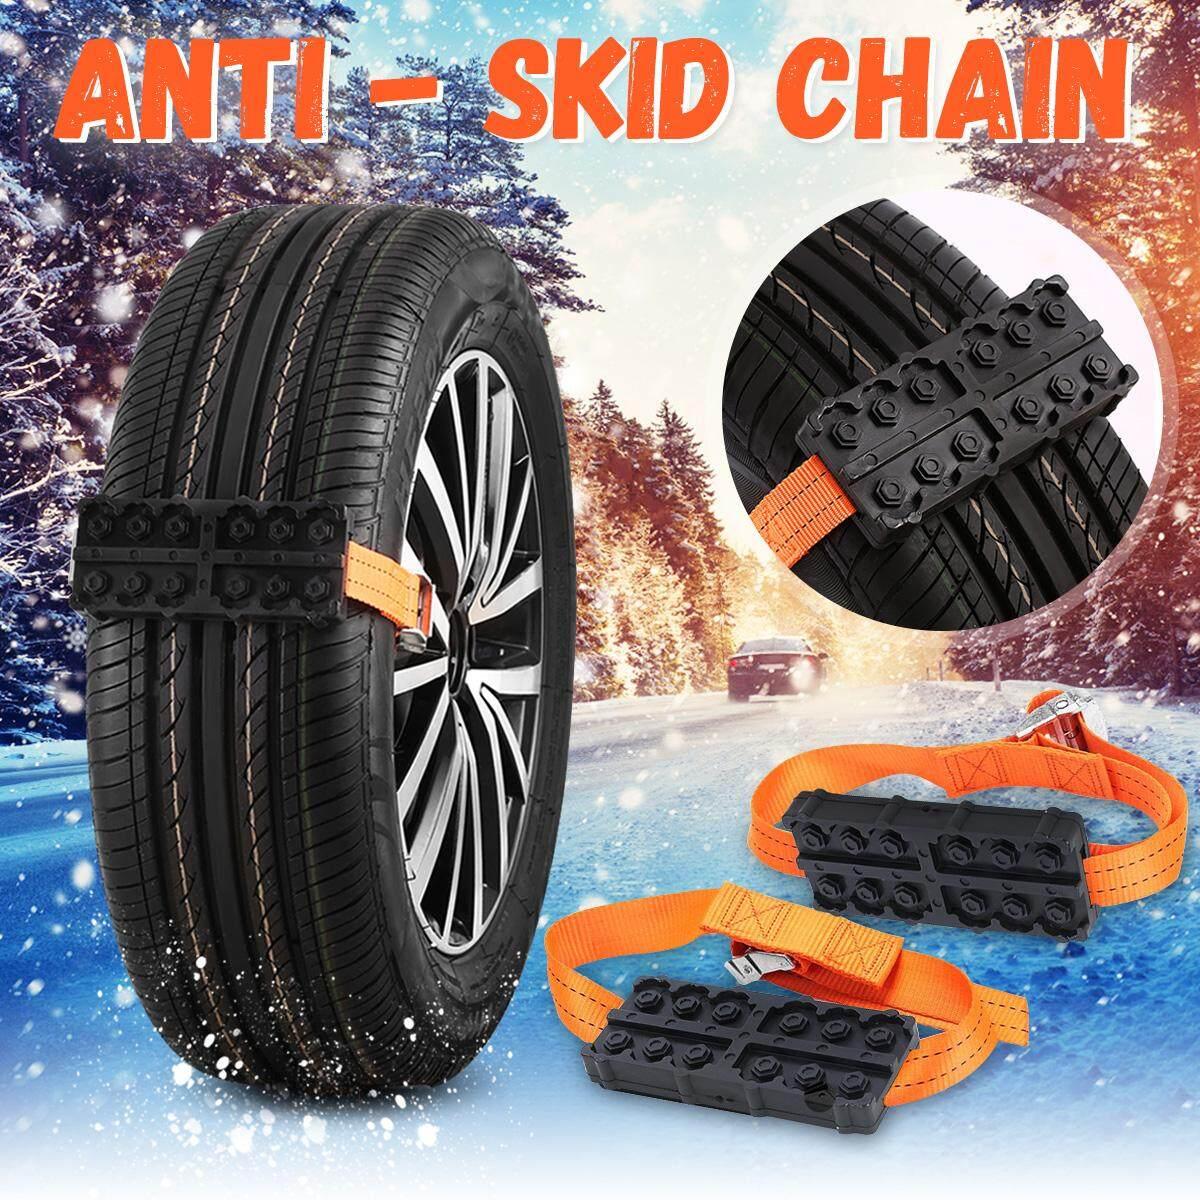 【การจัดส่ง + แฟลช Deal】 2x Universal รถ Suv Anti - Skid ยางฤดูหนาวหิมะโซ่ห้ามล้อเข็มขัดนิรภัยสำหรับทั้งหมดชนิดยาง By Channy.